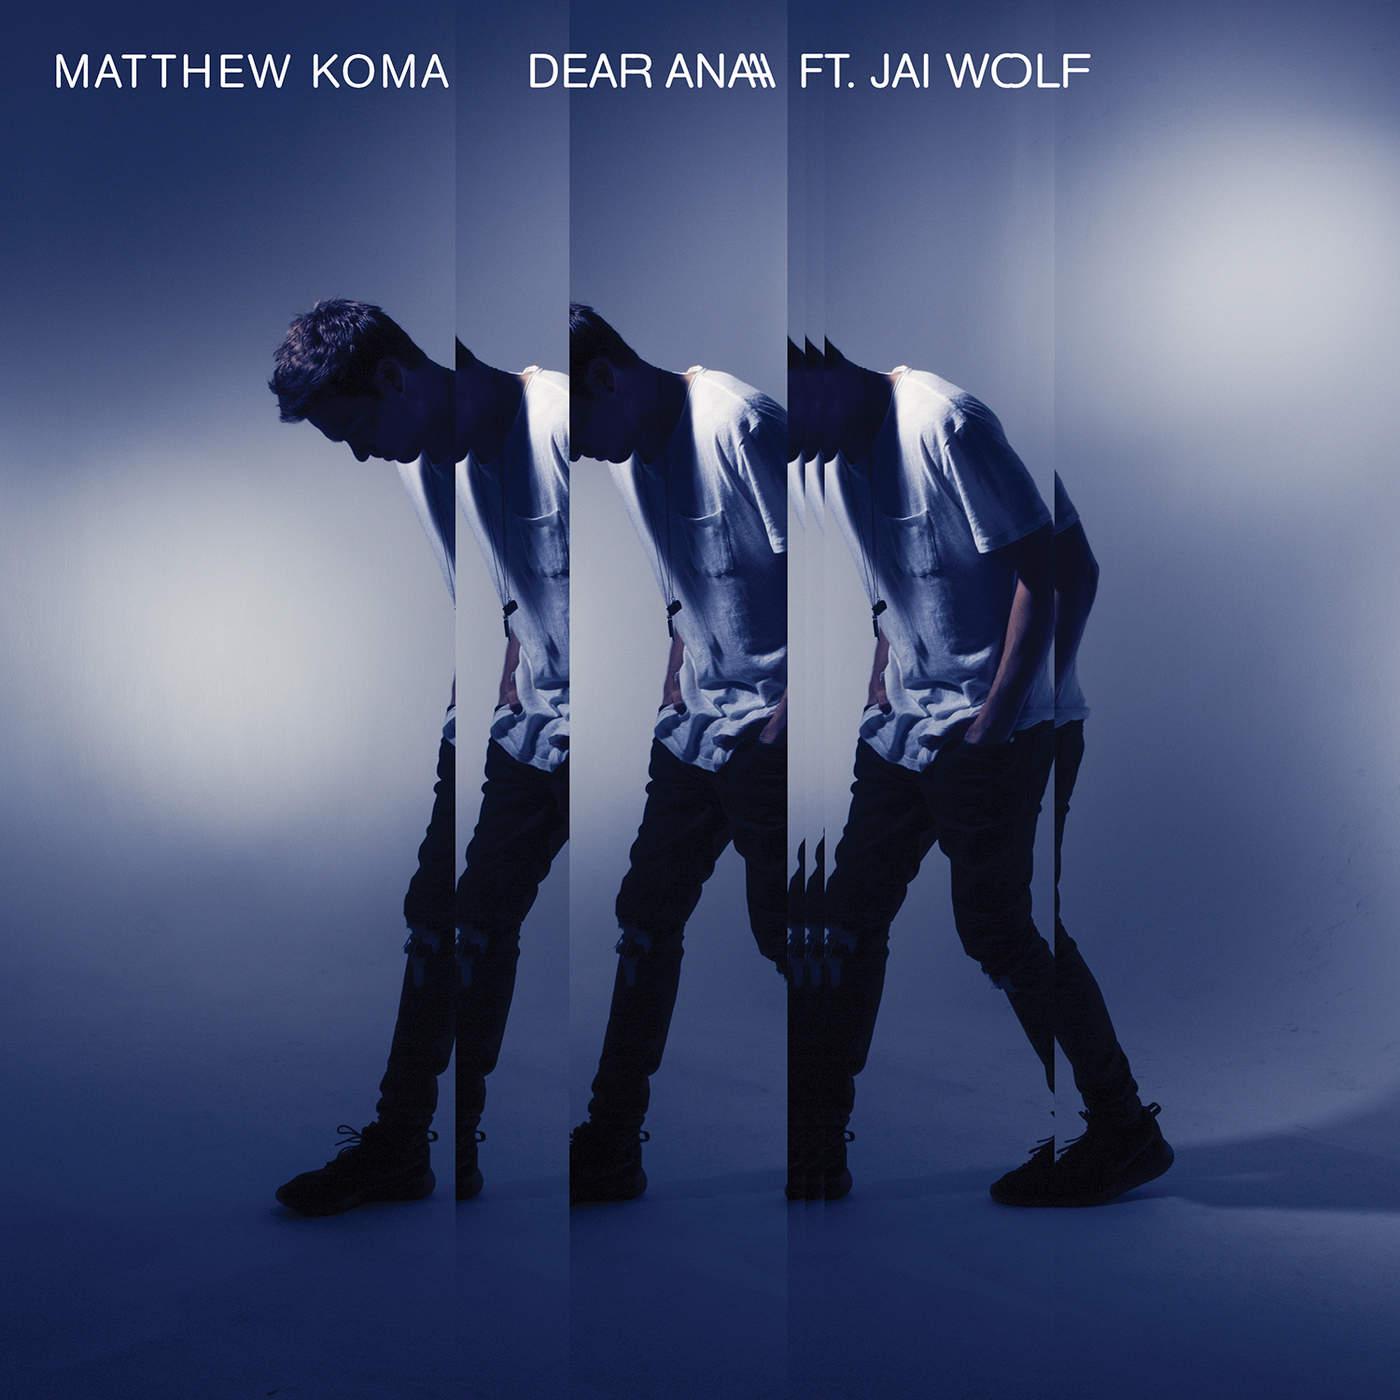 دانلود آهنگ جدید Matthew Koma به نام Dear Ana (feat. Jai Wolf